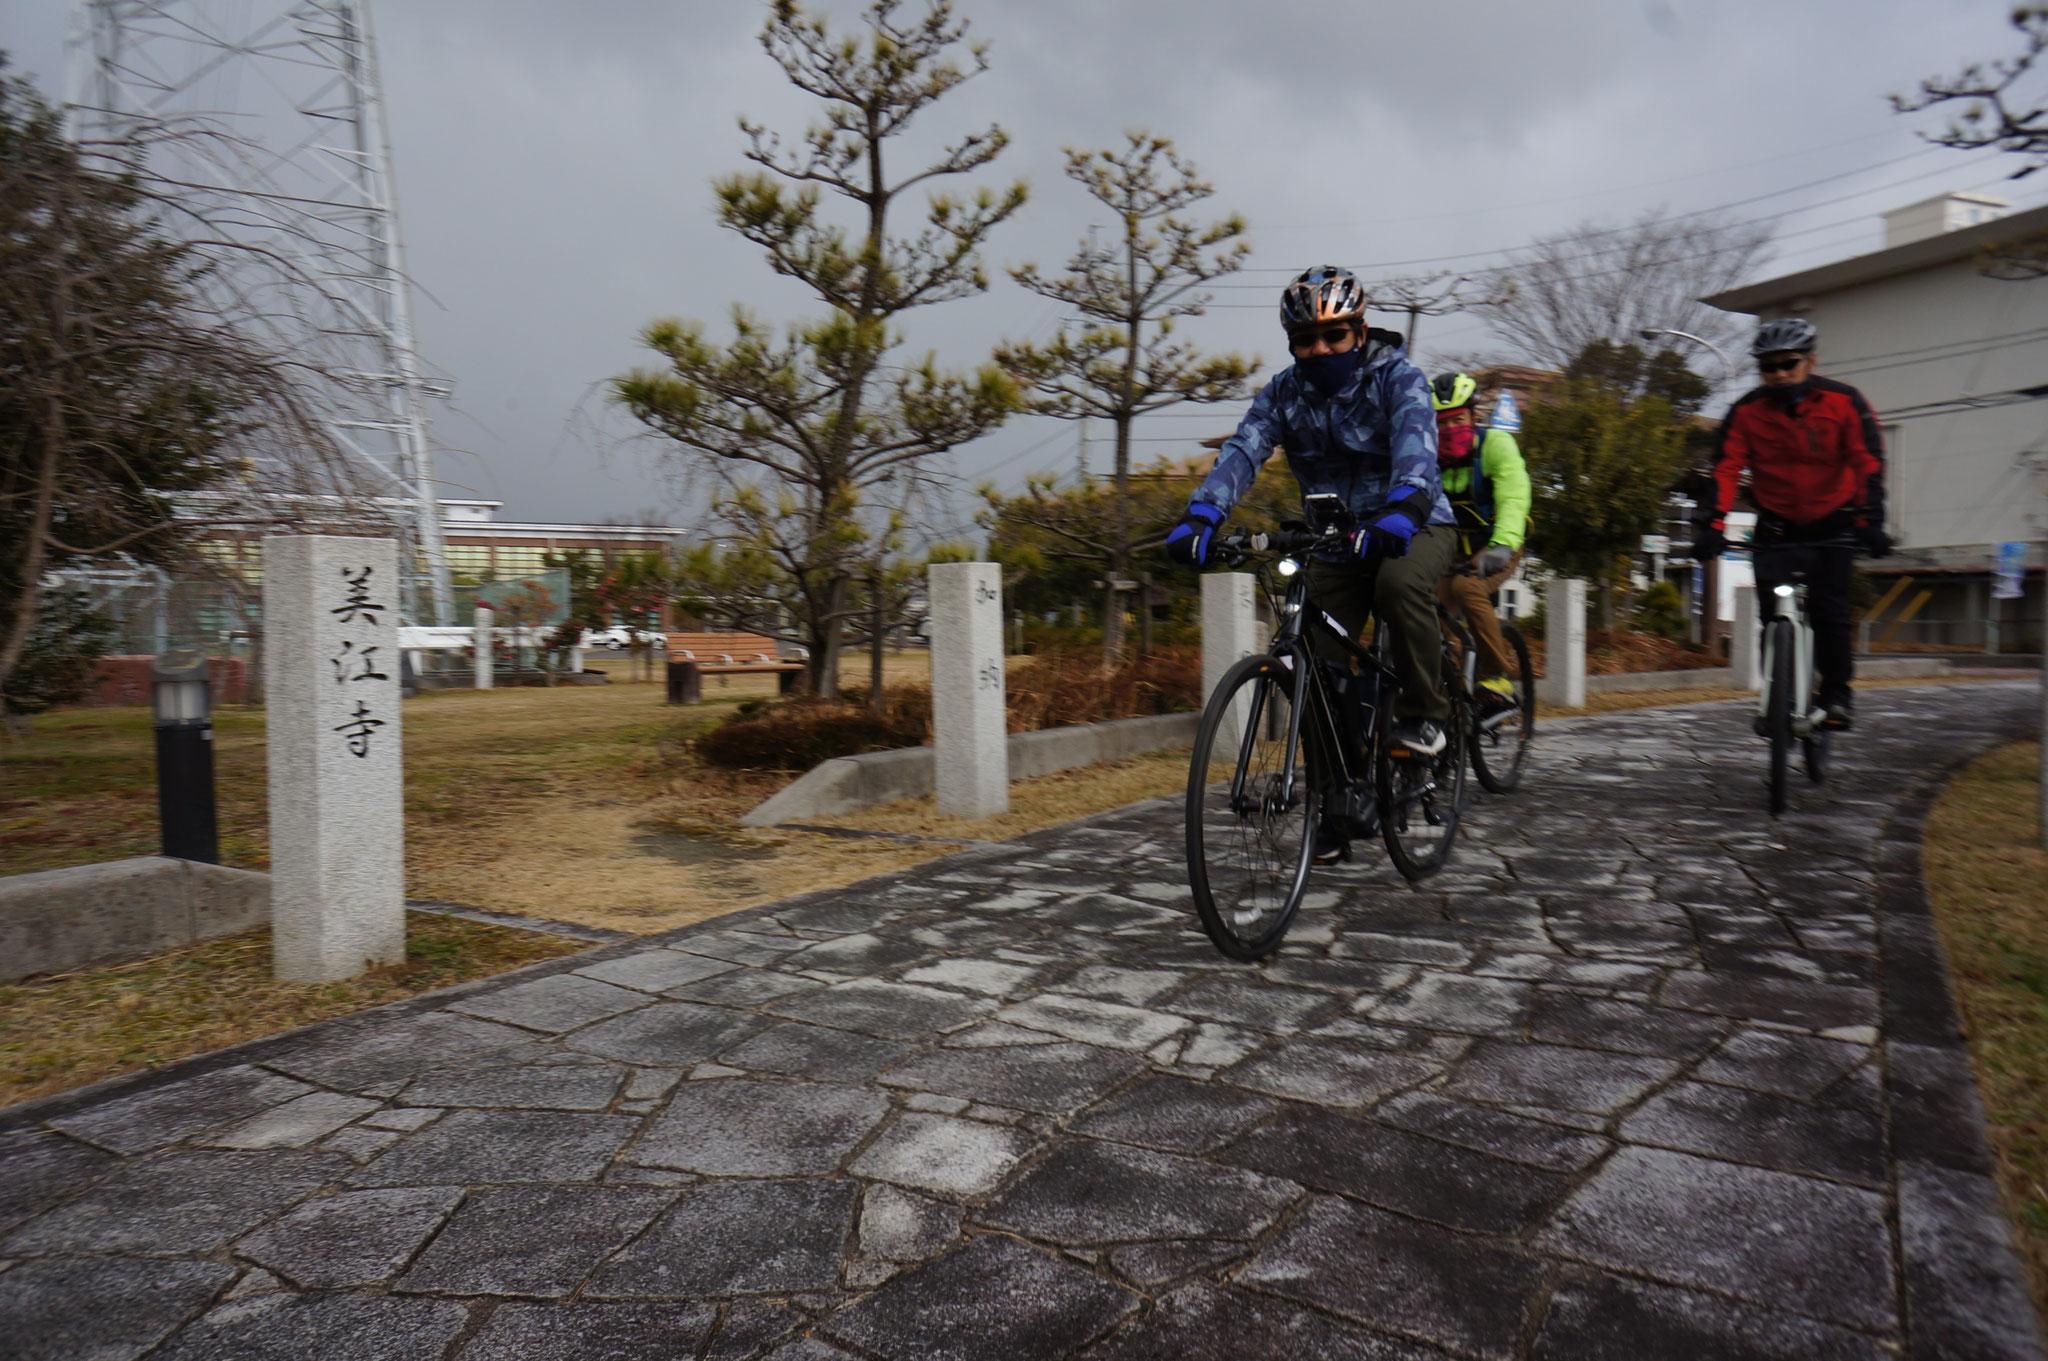 大月浄水公園。岐阜県内の宿場名を配置したポケットパーク